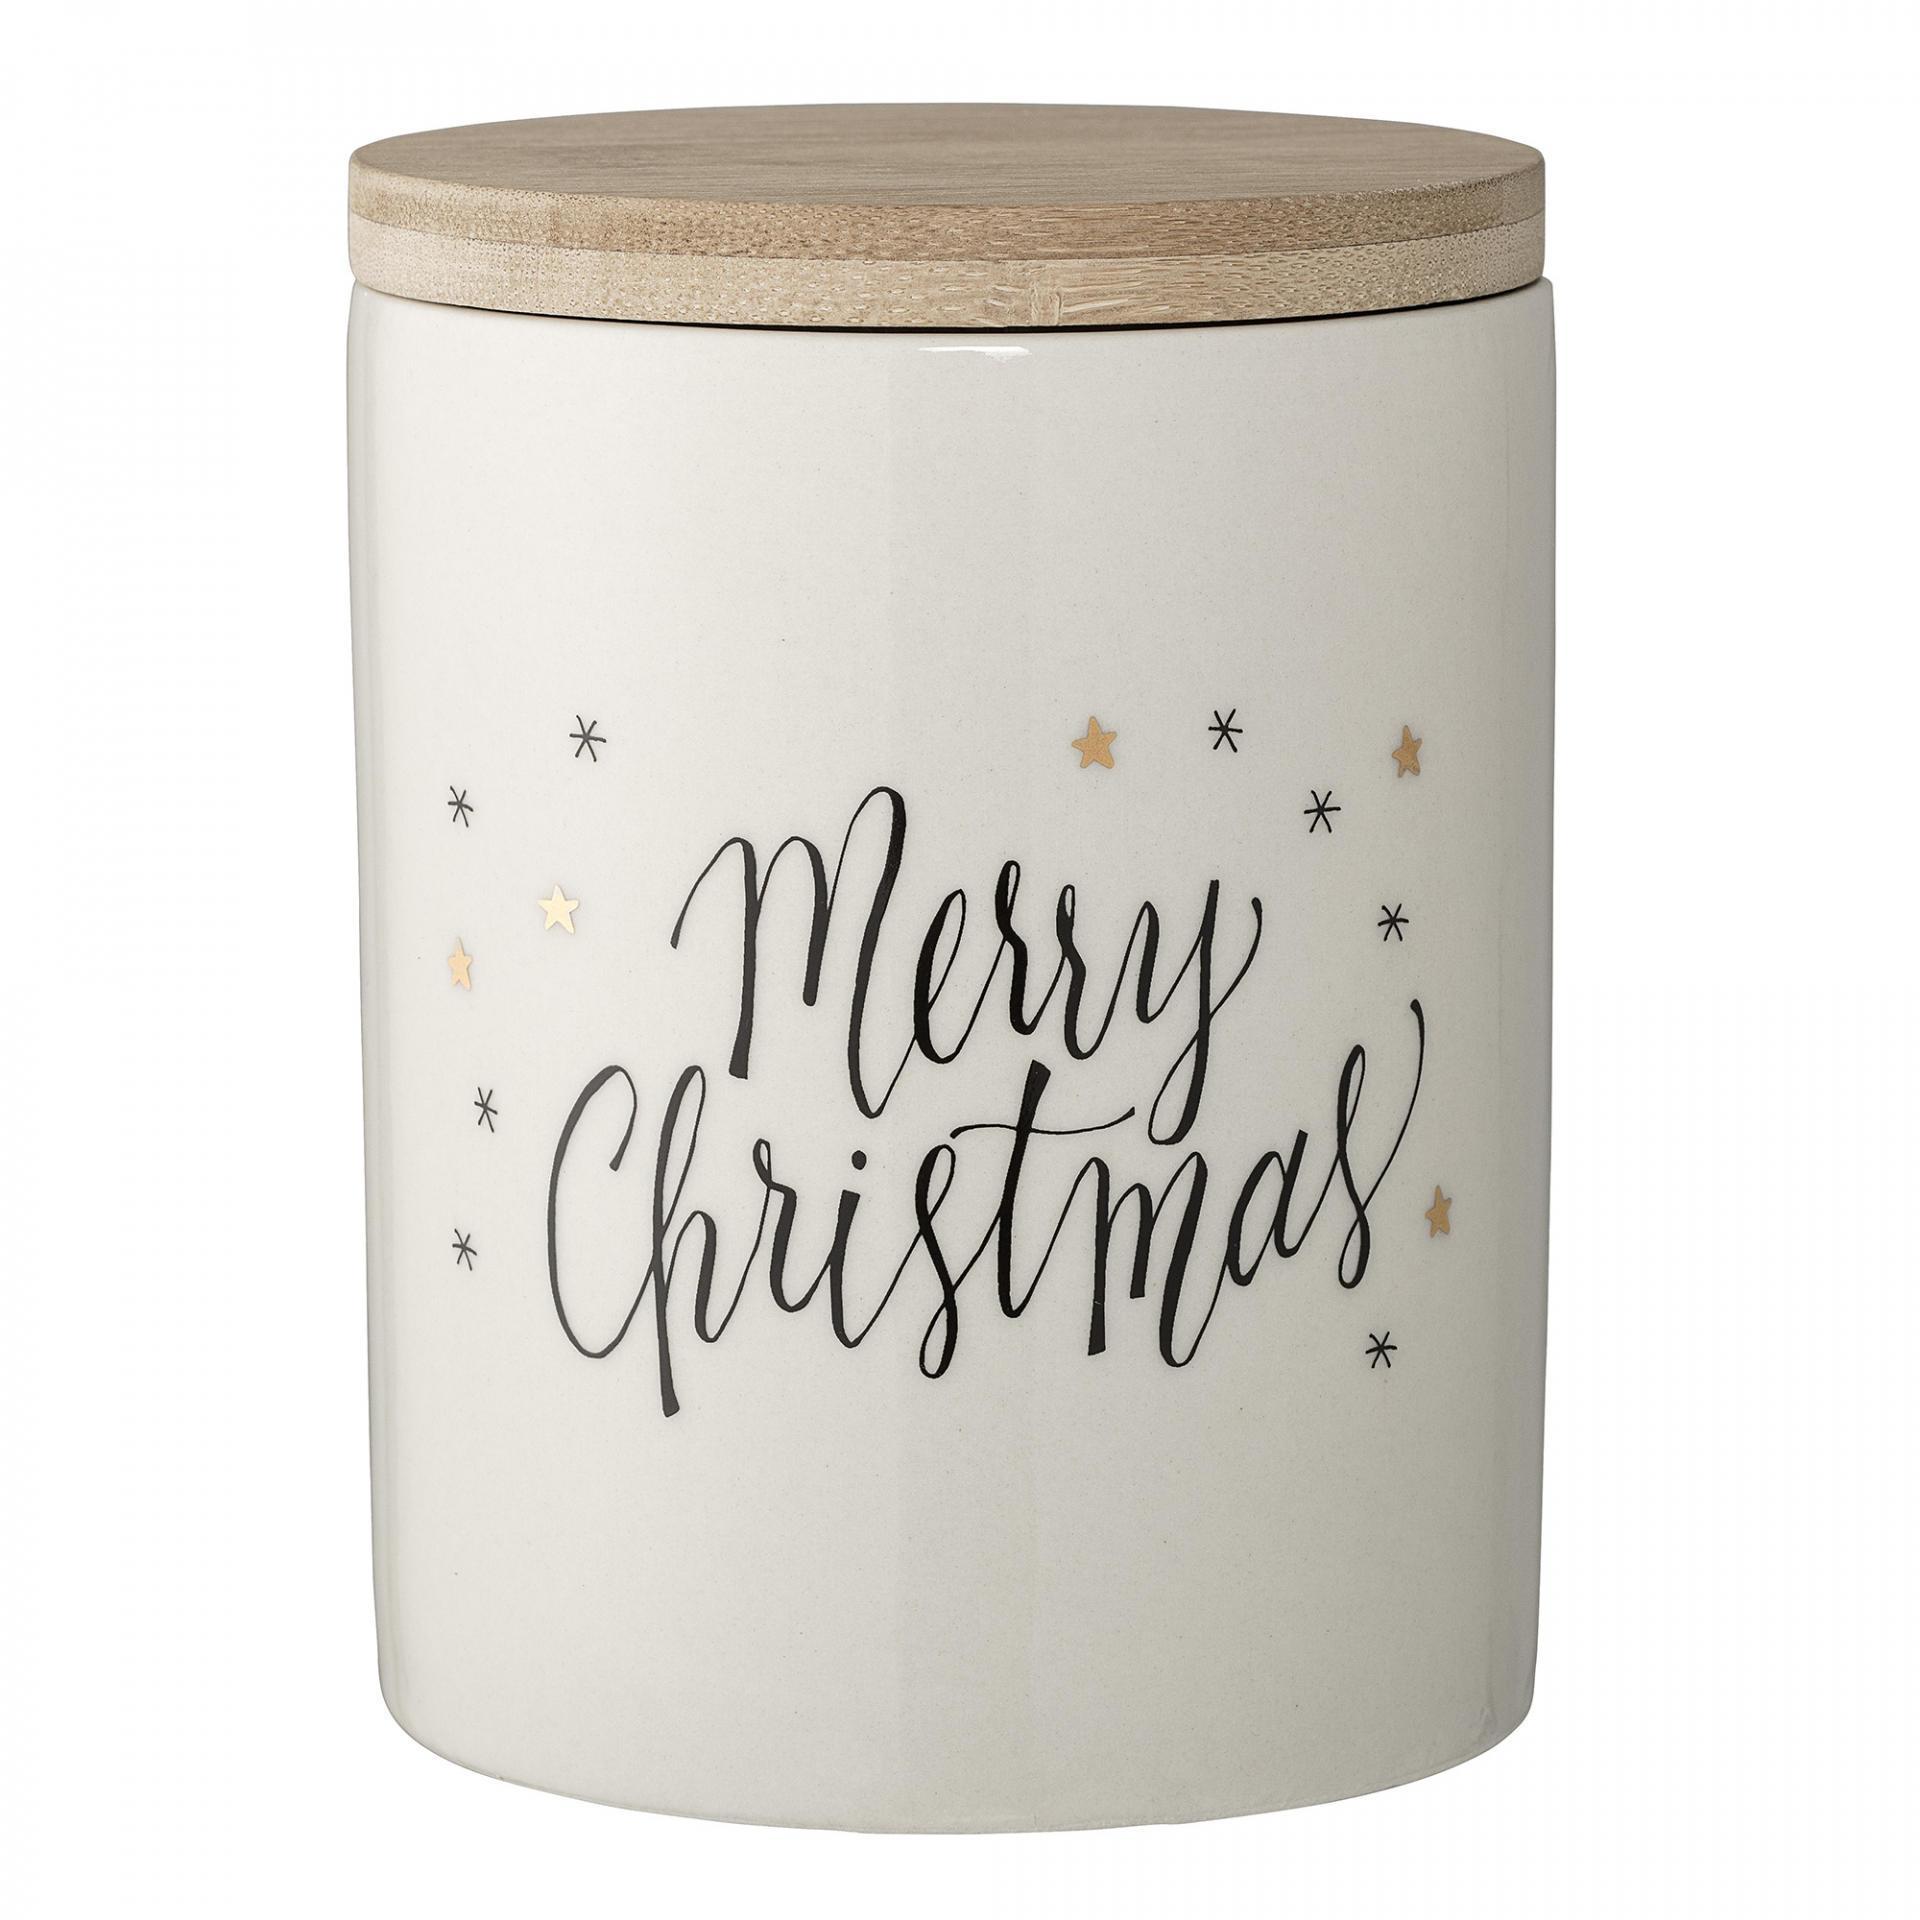 Bloomingville Keramická dóza Merry Christmas, krémová barva, keramika